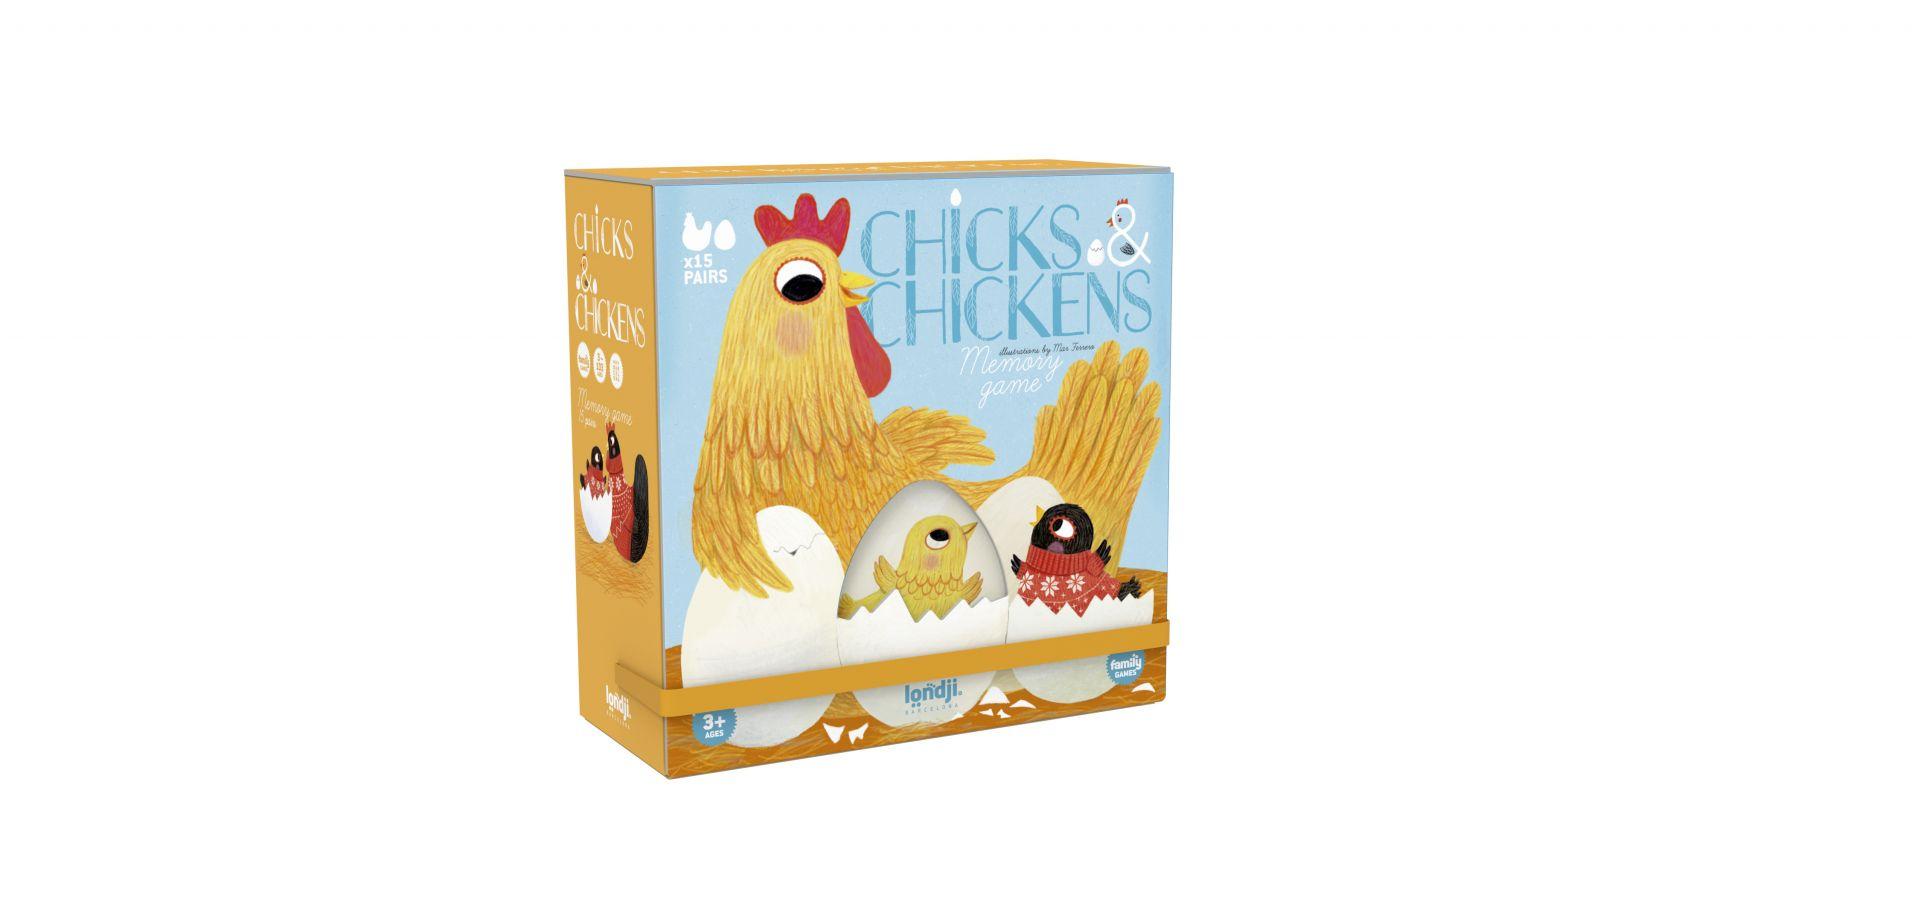 Chicks & Chickens